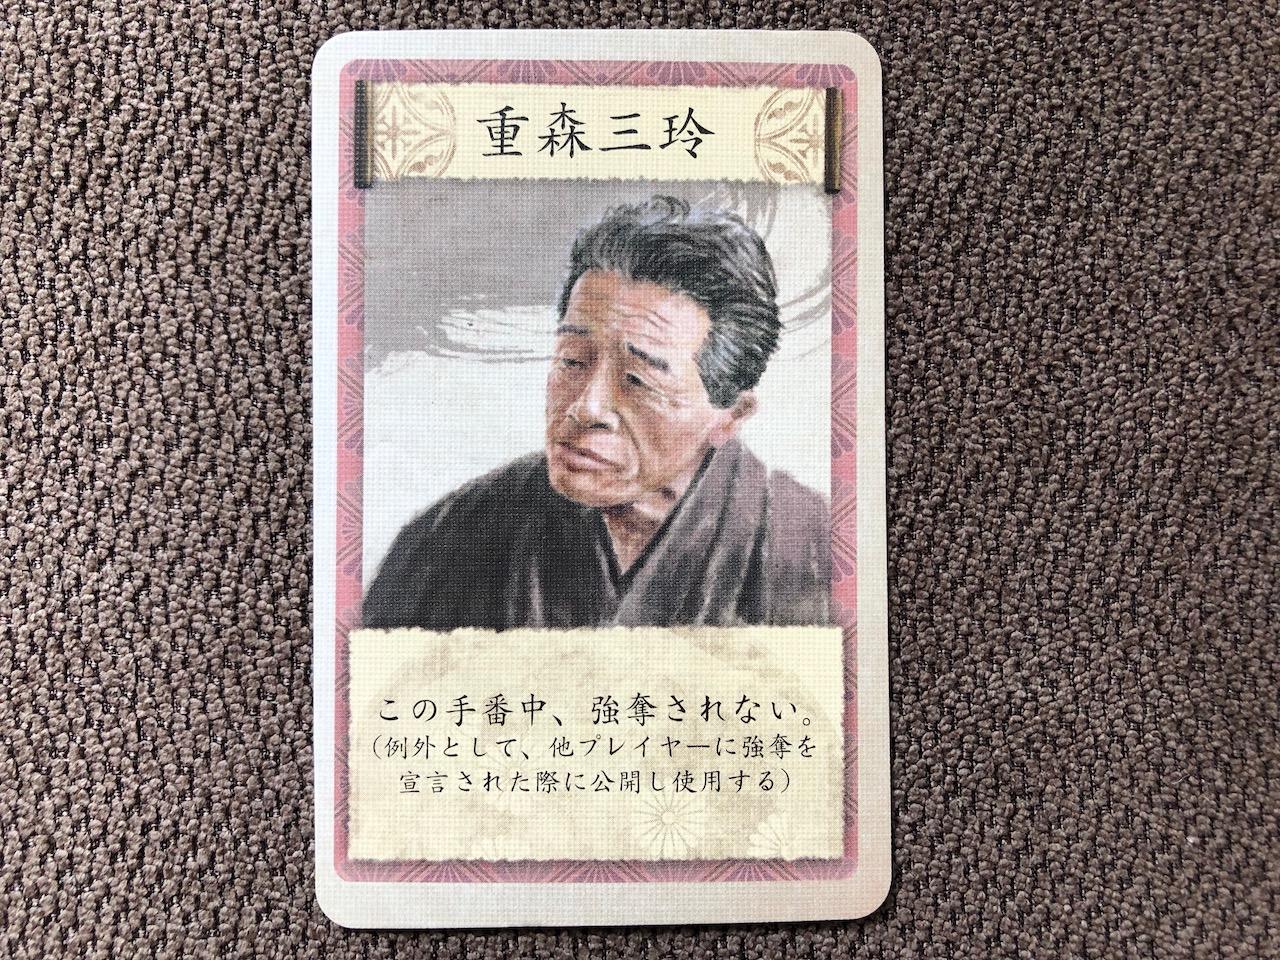 重森三玲の作庭家カード